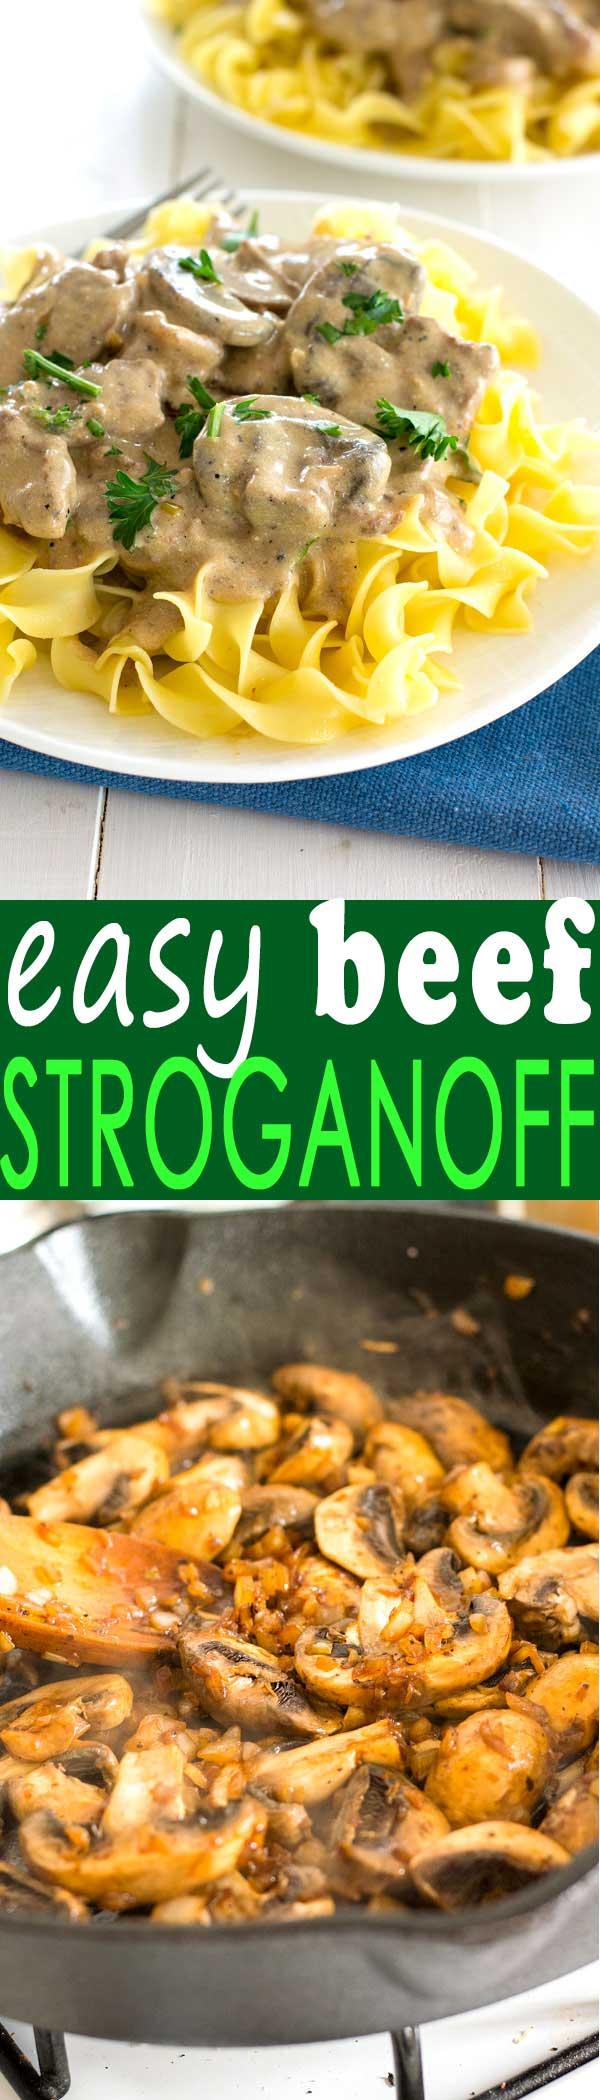 Receta fácil de stroganoff de carne casera desde cero con filete y la salsa de crema agria más deliciosa.